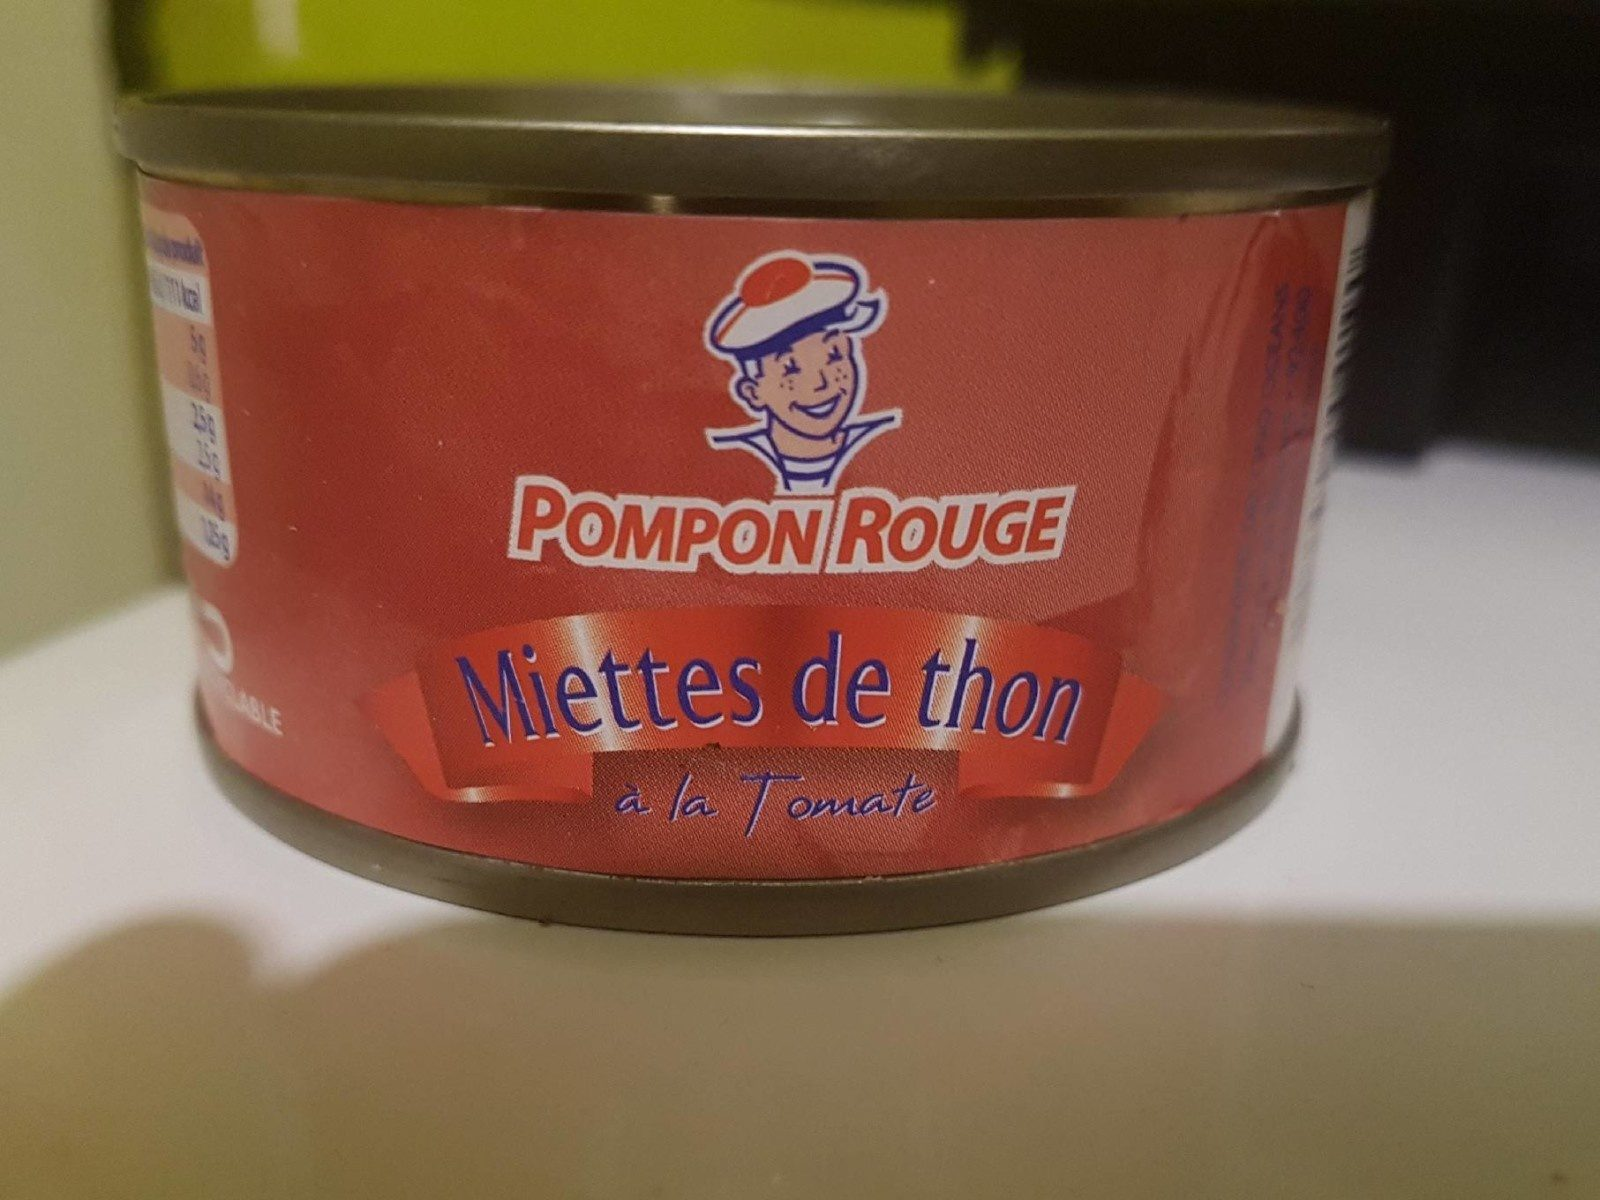 Miettes de thon - Prodotto - fr